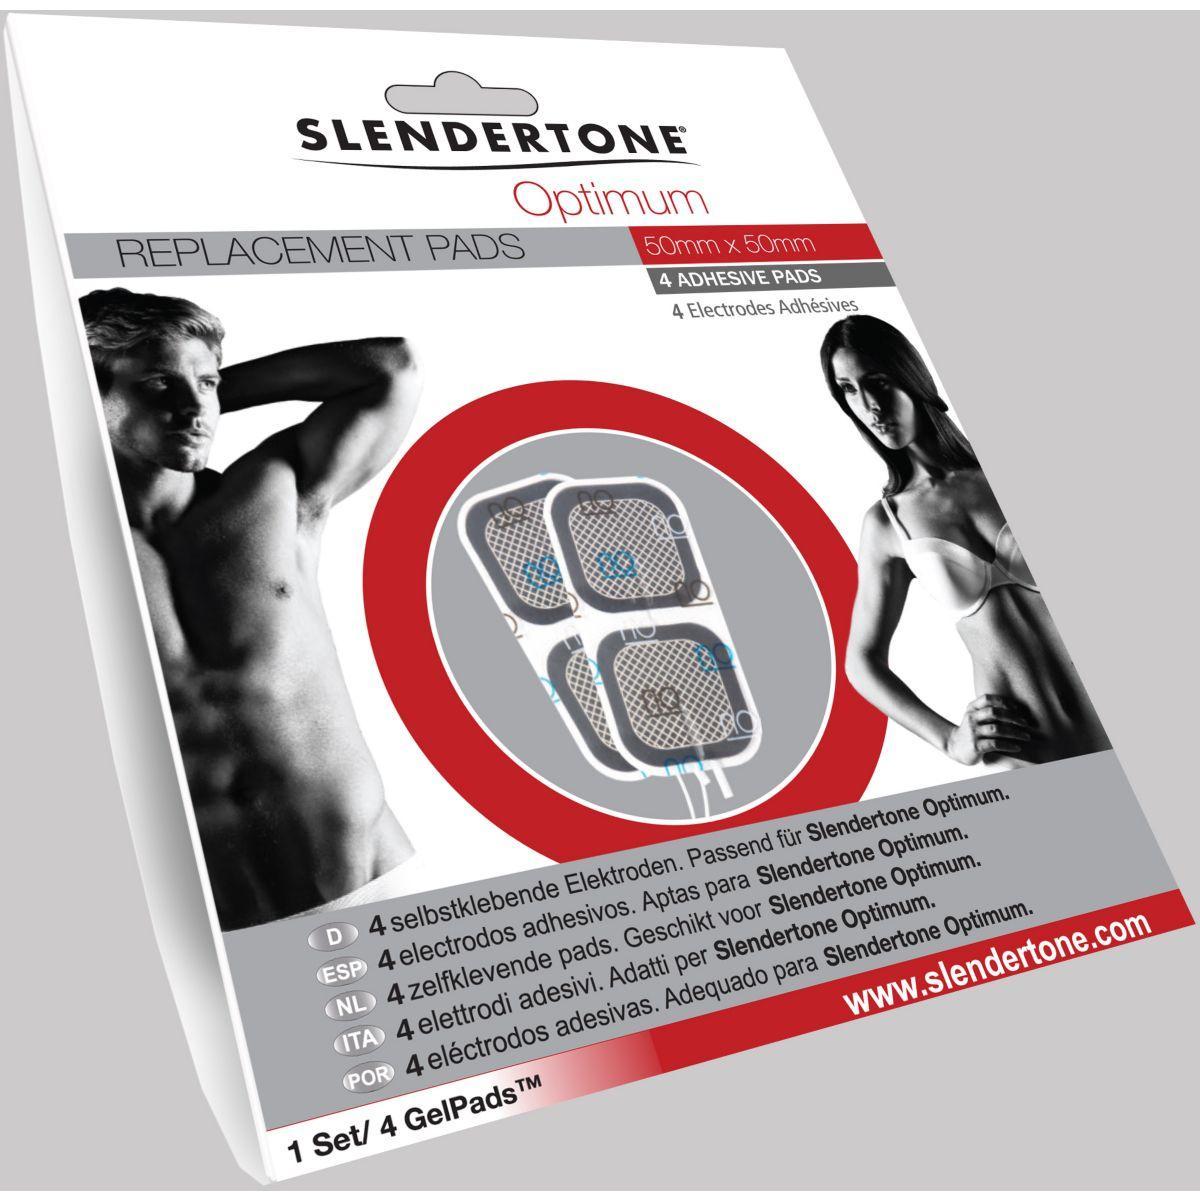 Electro-stimulation slendertone electrodes optimum 50x50 - produit coup de coeur webdistrib.com ! (photo)